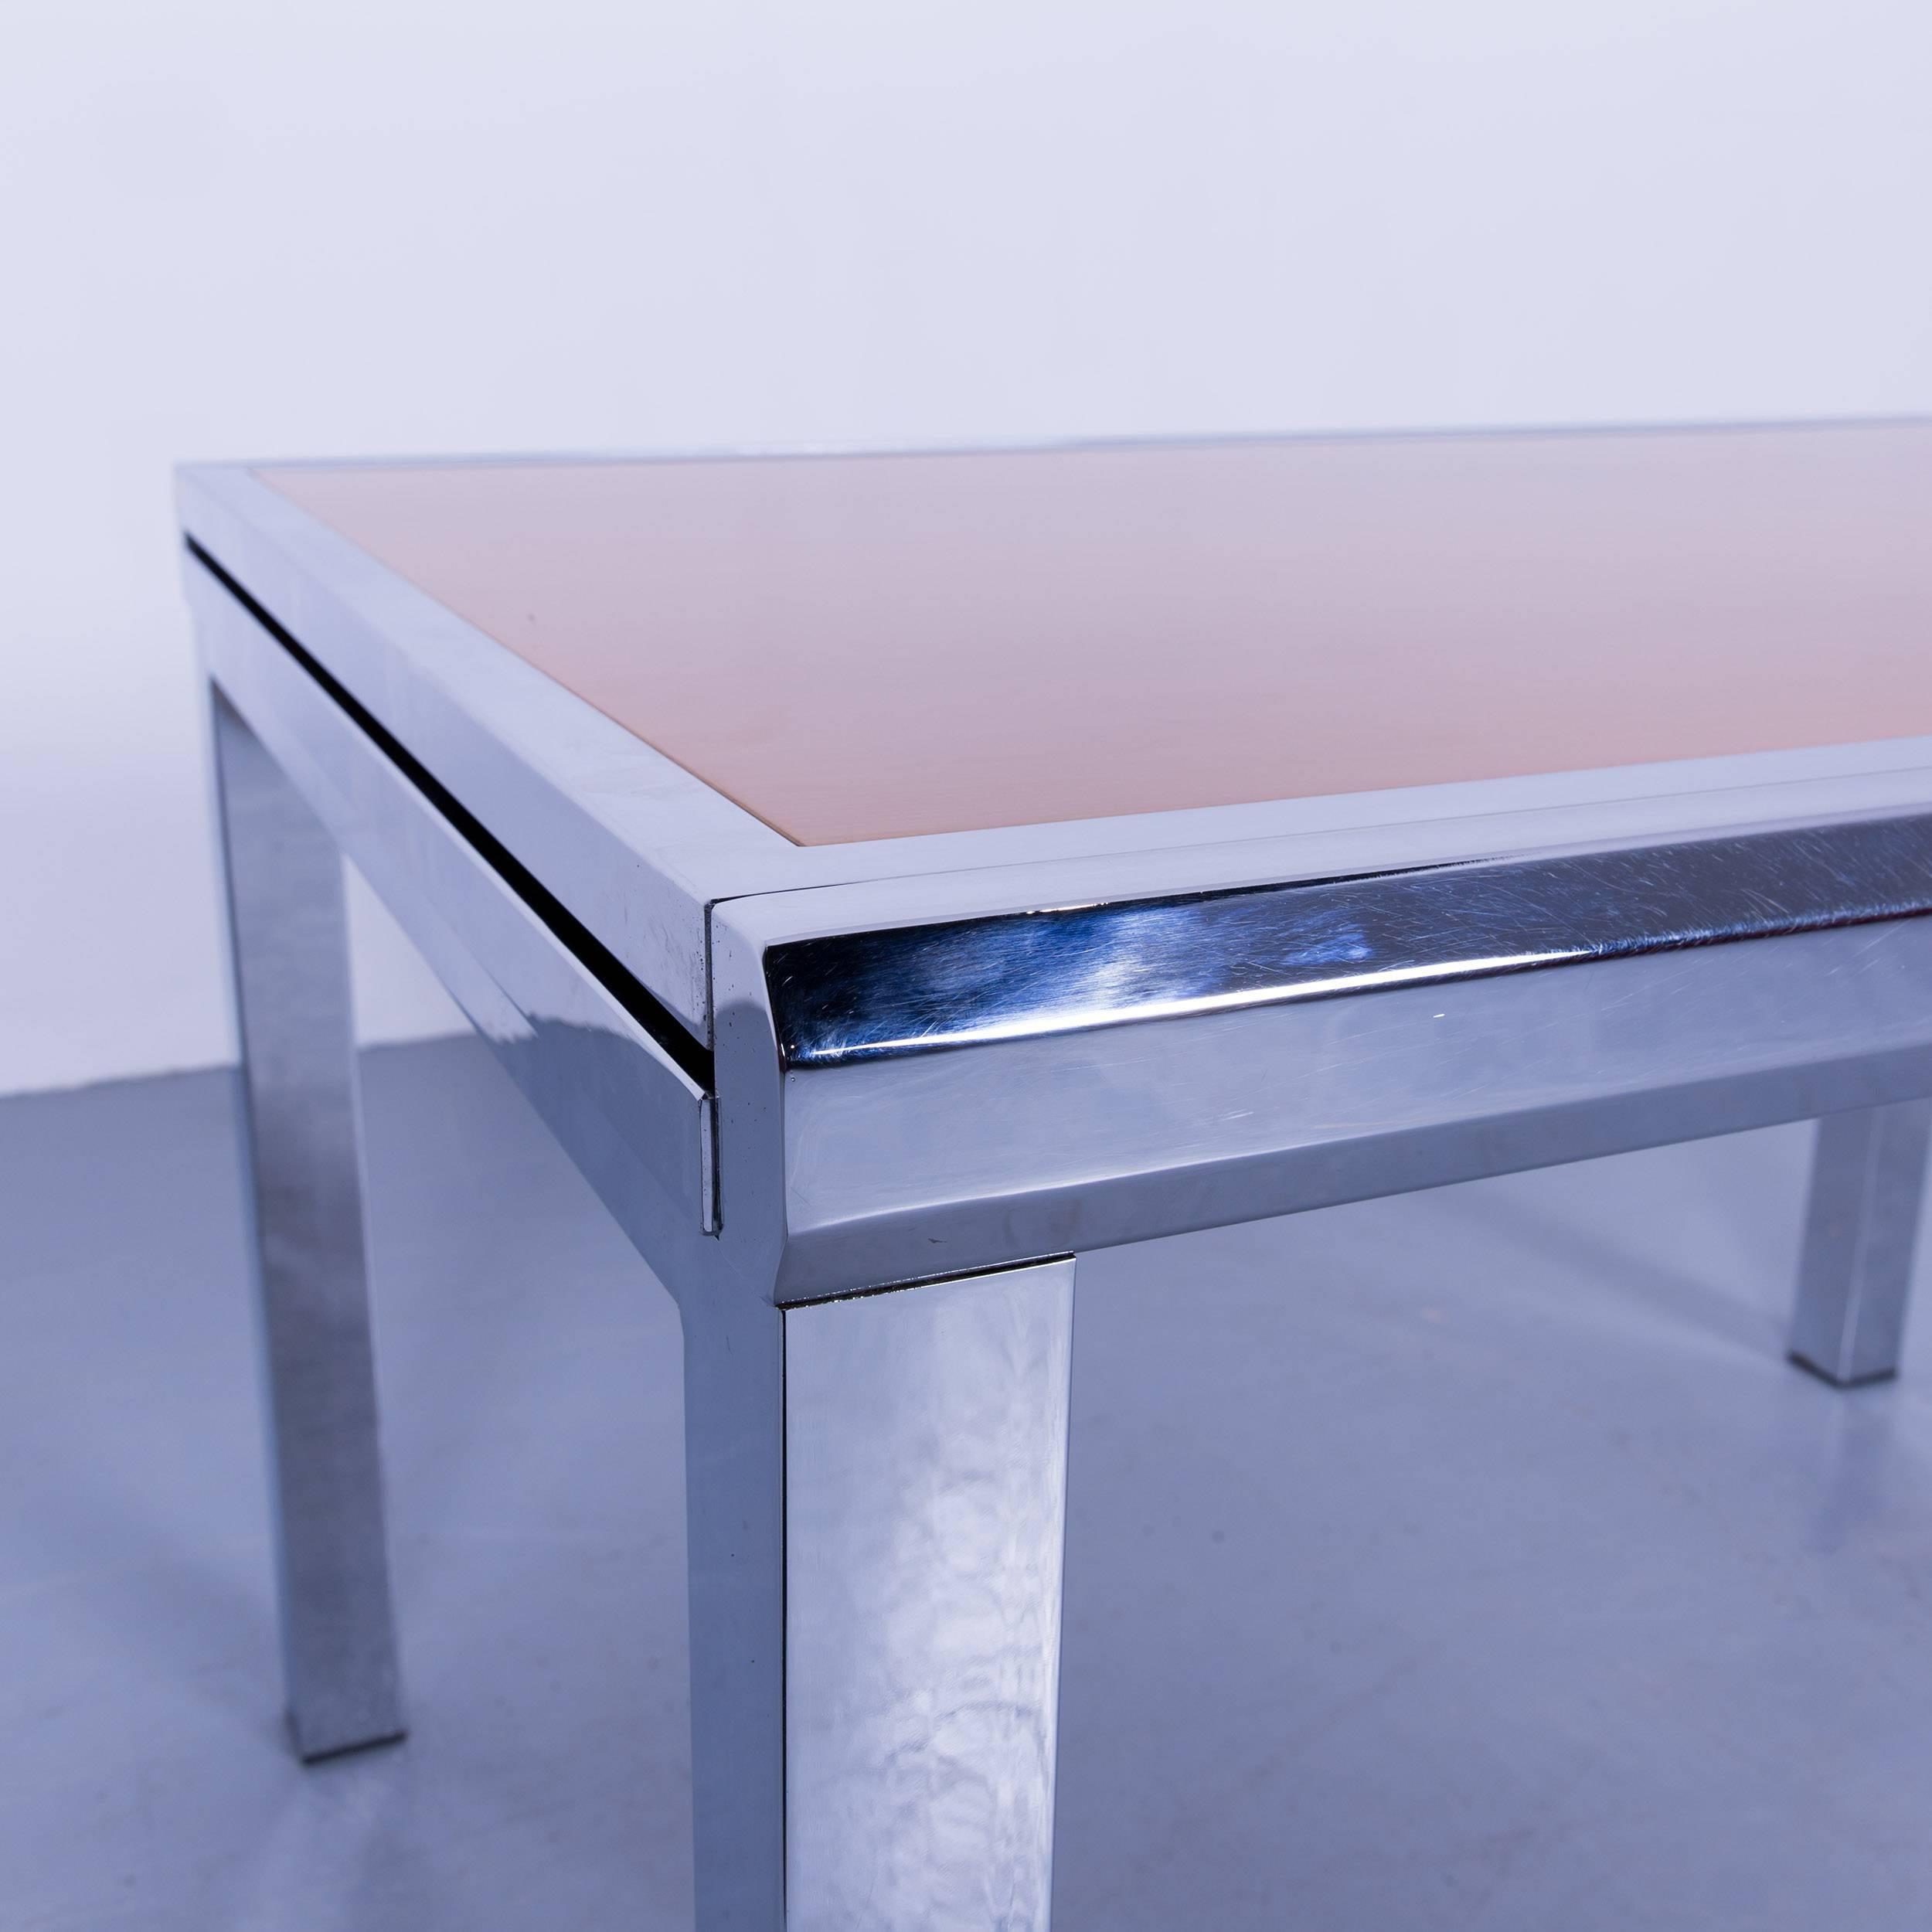 Erfreut Designer Esstisch Glasplatte Holzbasis Bilder   Die .